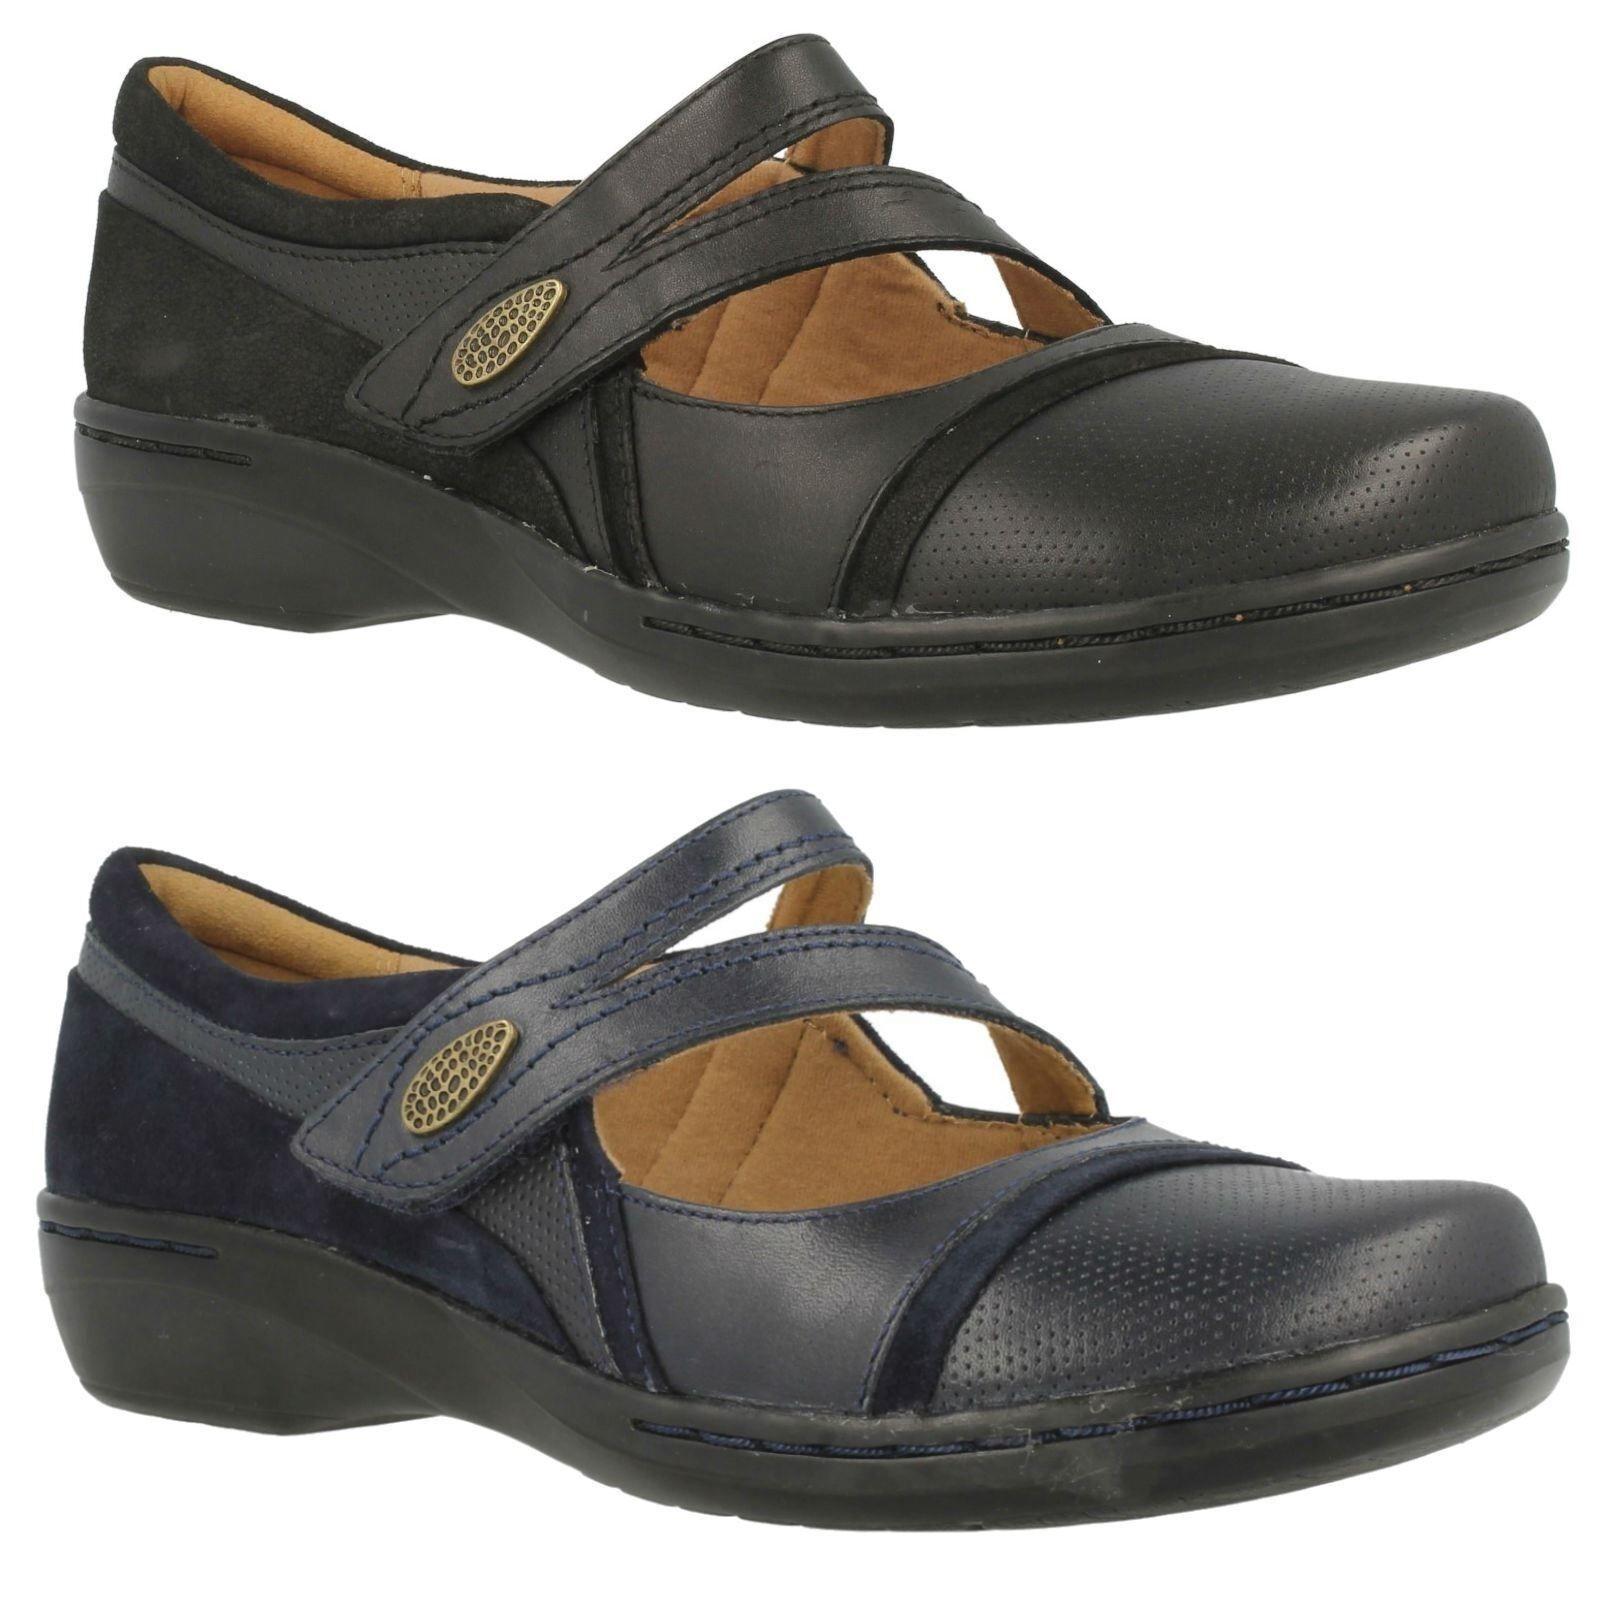 Clarks Evianna Crown Señoras Señoras Señoras De Cuero Mary Jane Zapatos informales Riptape peso ligero  a la venta